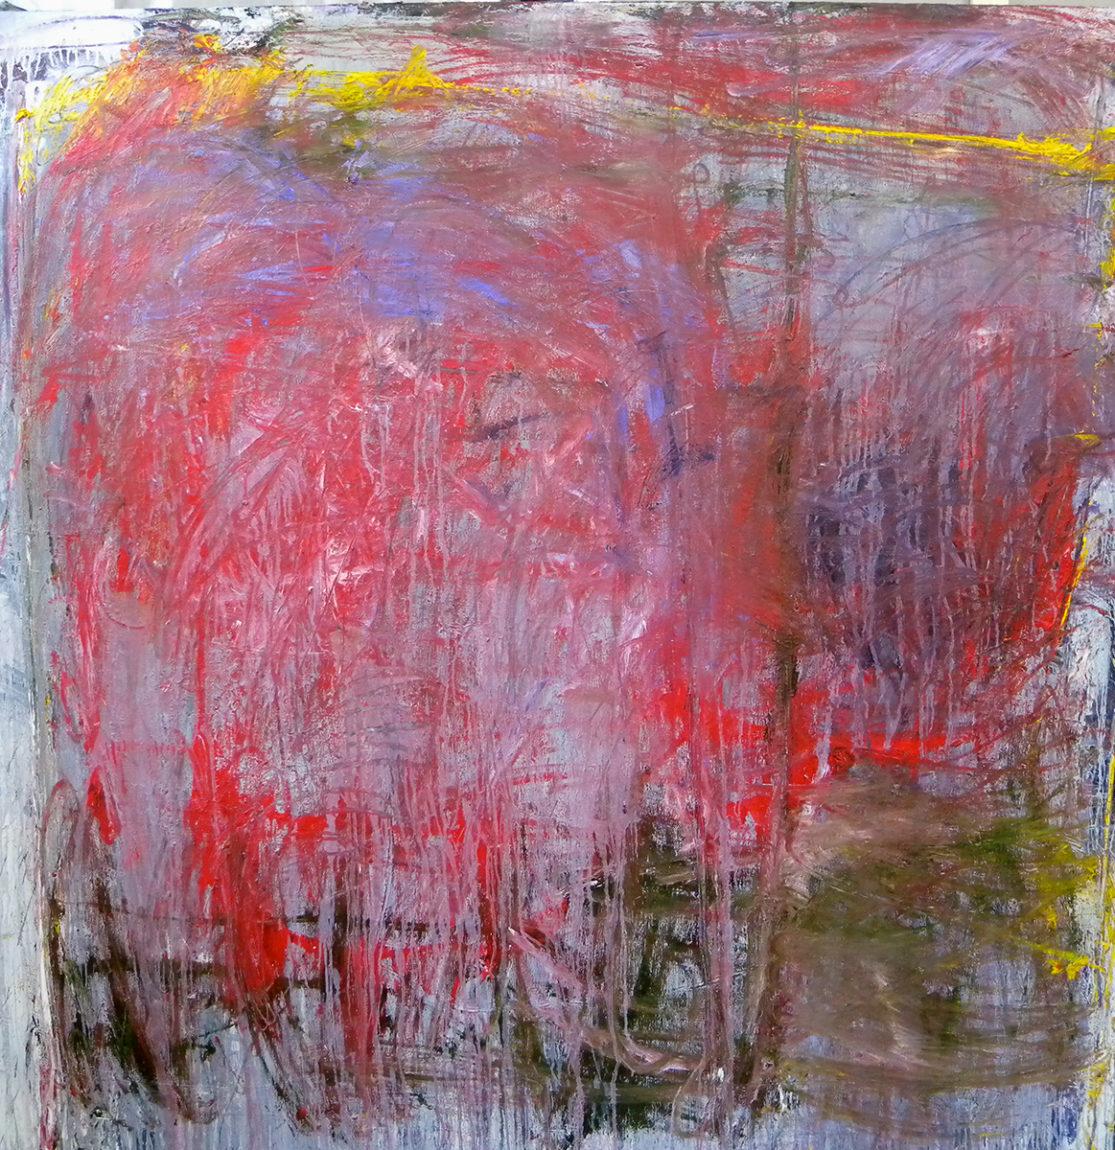 MARC FELD 2011 VERS LES CASCADES Huile sur toile 200 x 200 cm